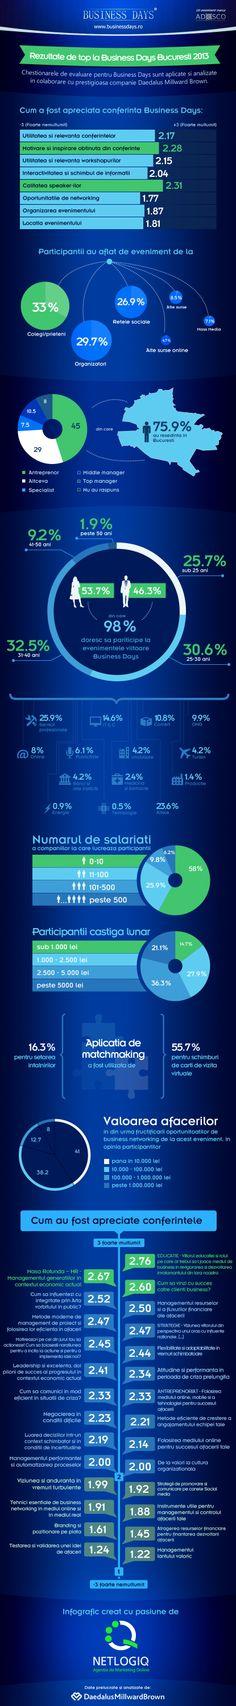 Analiza rezultatelor relevate in urma prelucrarii chestionarelor de feedback stranse de la participantii la evenimentul Bucuresti Business Days 2013, evenimentul care a inregistrat un numar record de participanti: 1.202